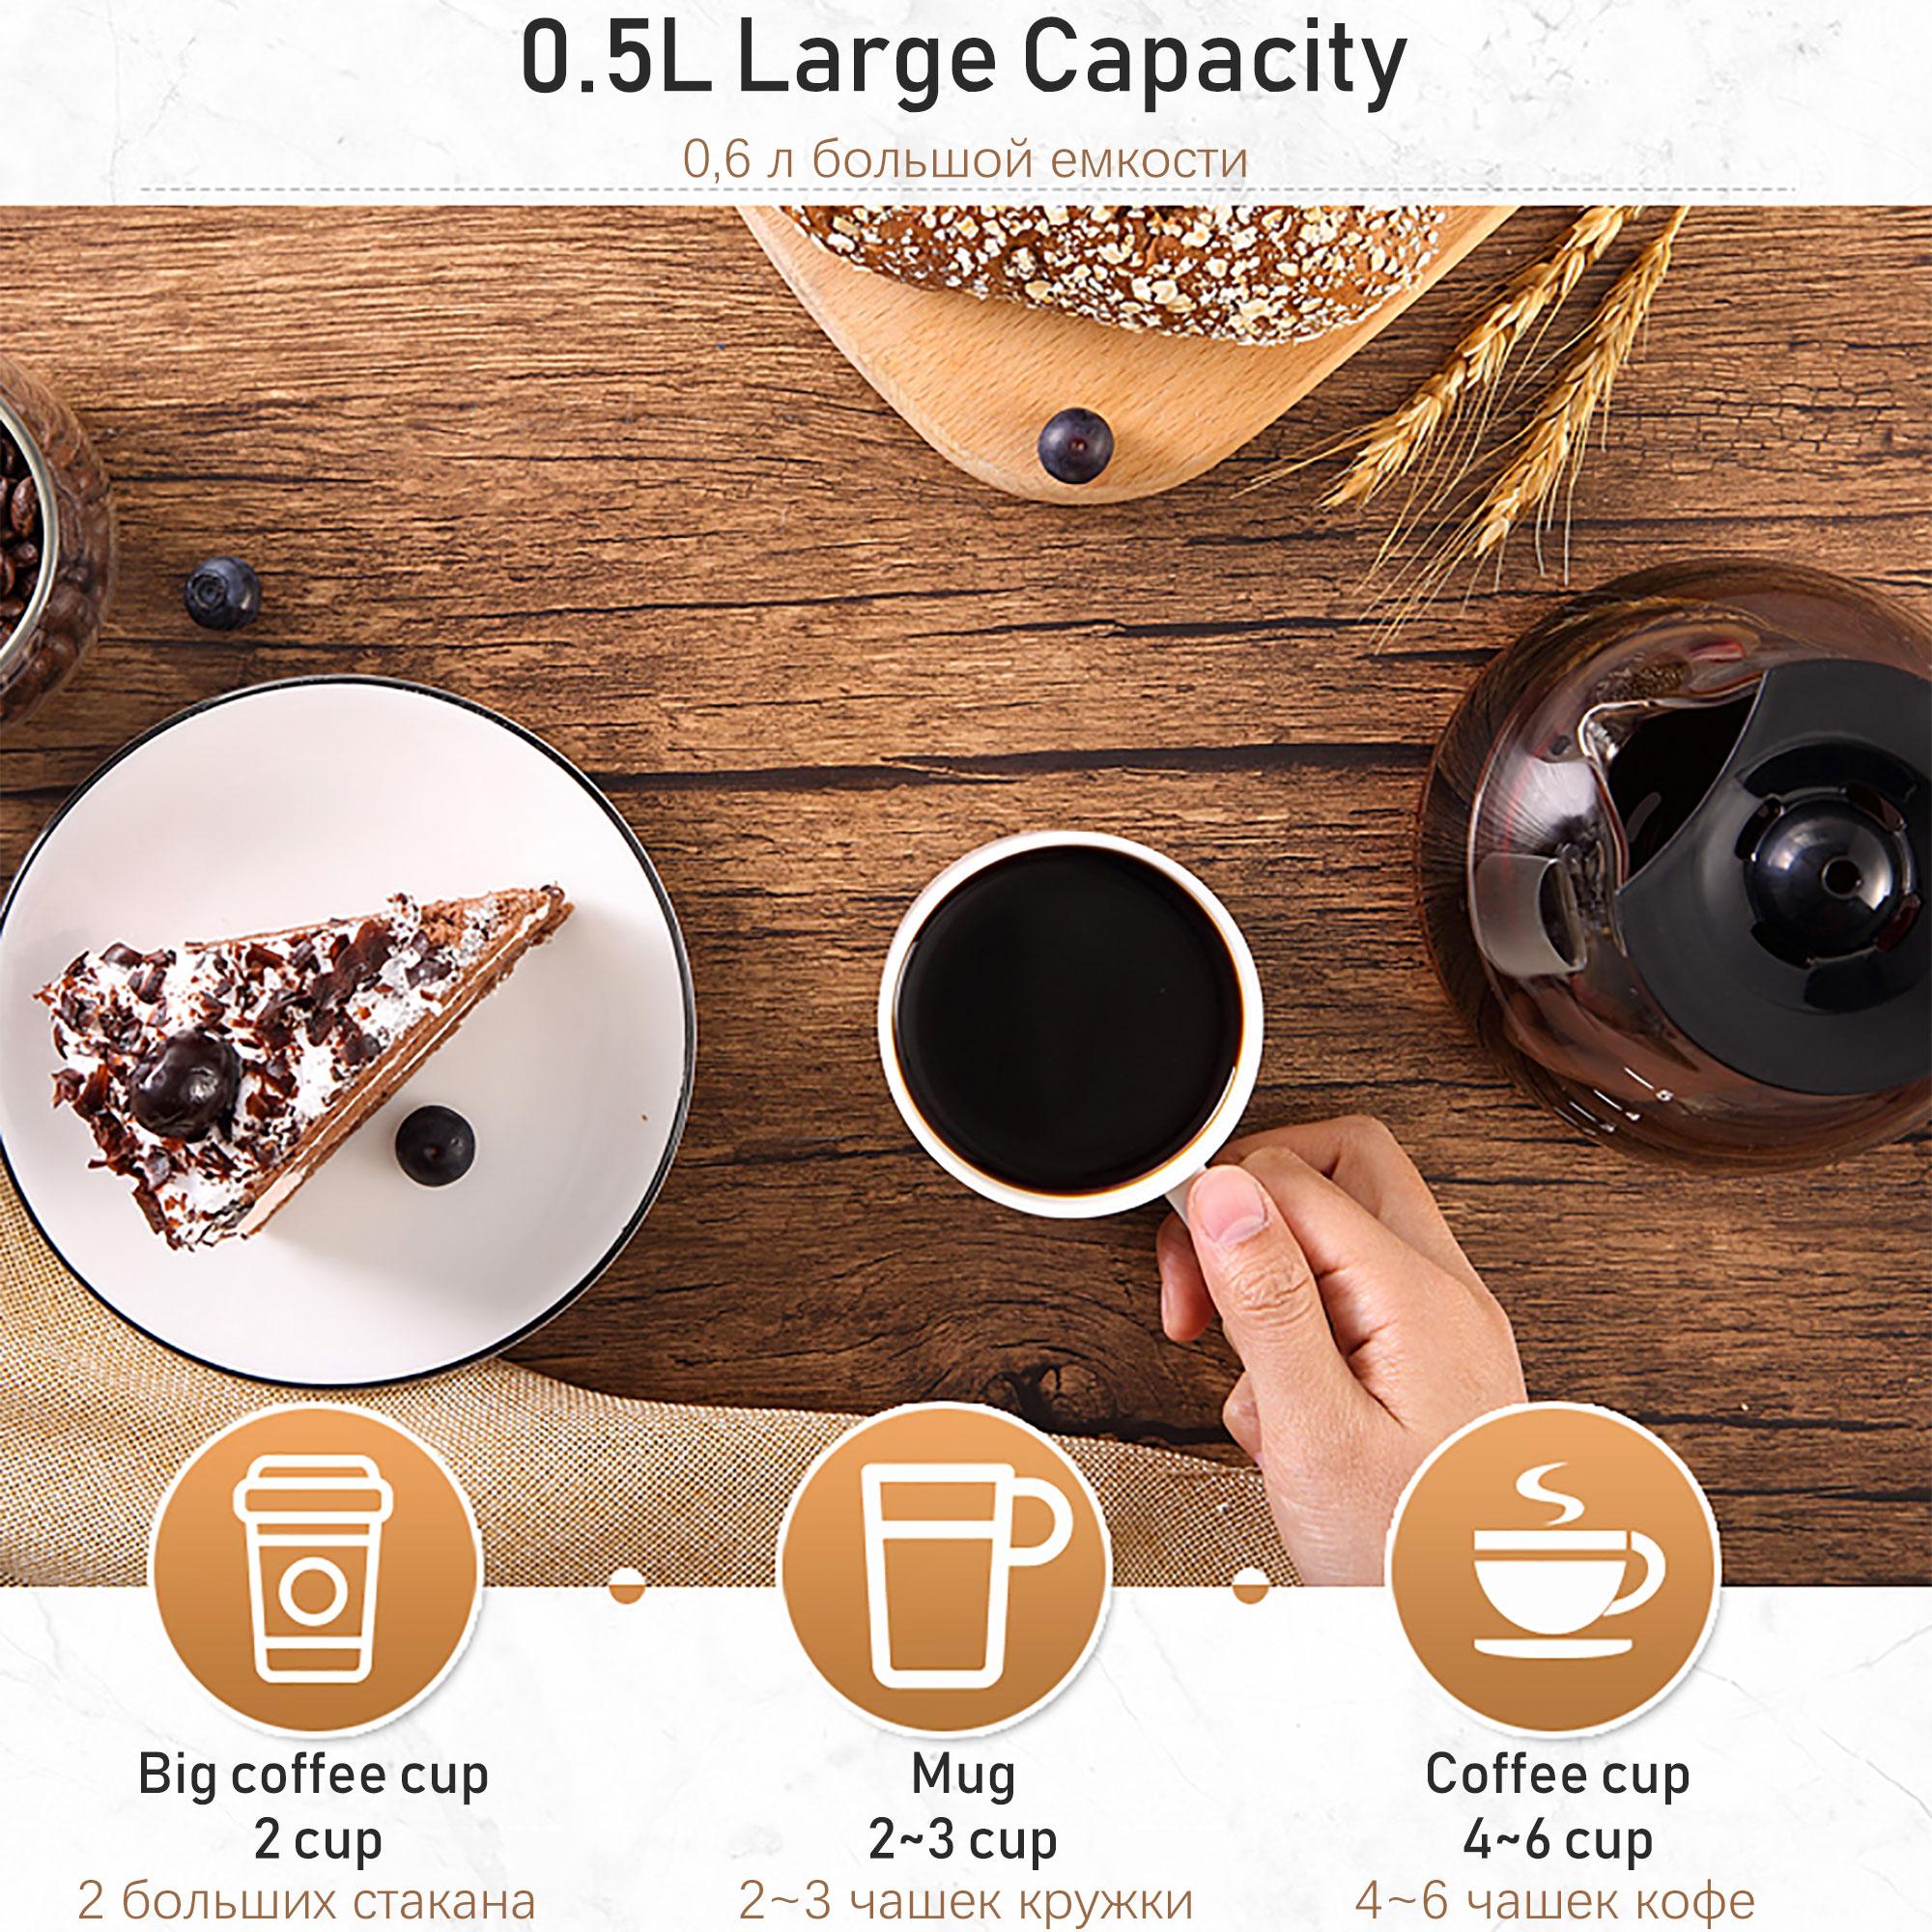 Sonifer Cafetières filtres électrique prix maroc